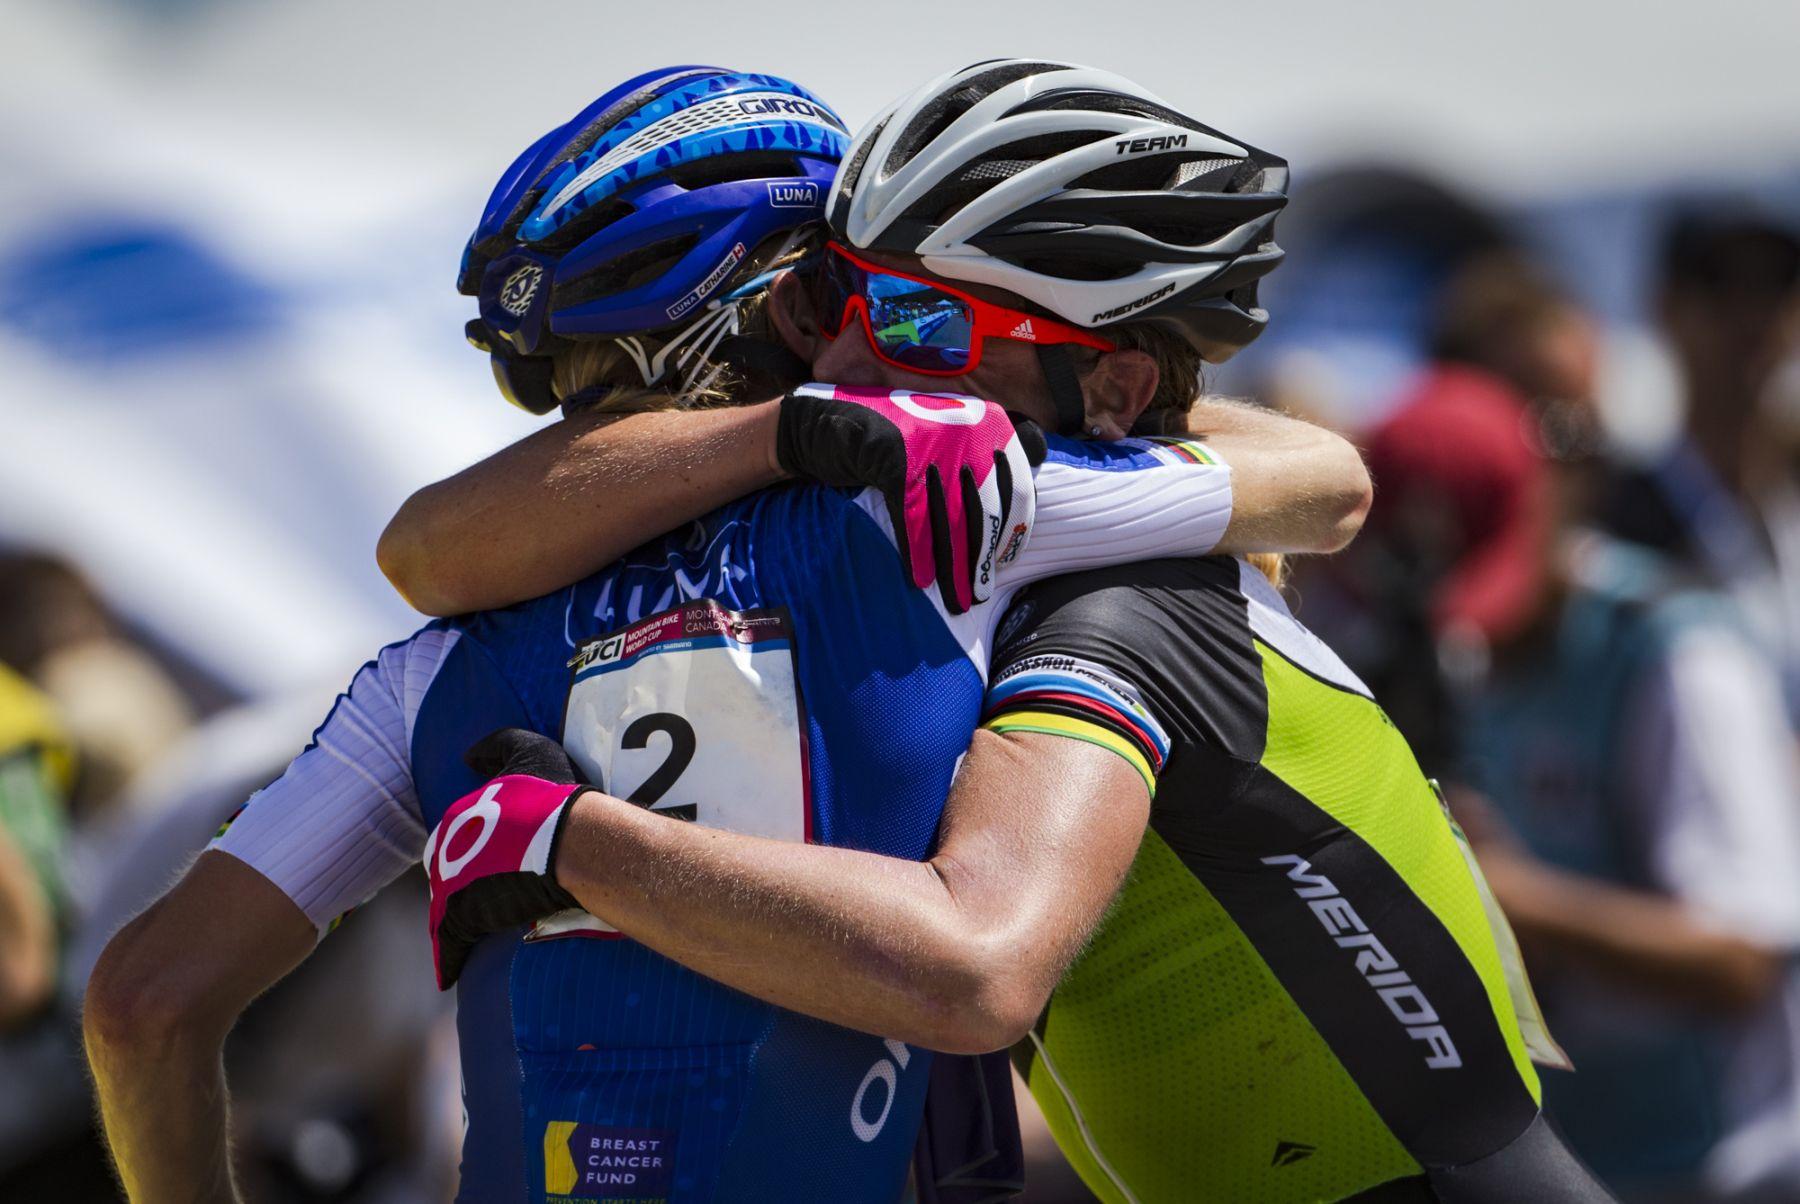 El abrazo entre la veterana Gunn Rita Dahle y Catherine Pendrel al llegar a meta. La noruega, a pesar de llevar más de 20 años en la elite, parece dispuesta a pelear por las medallas en Rio de Janeiro